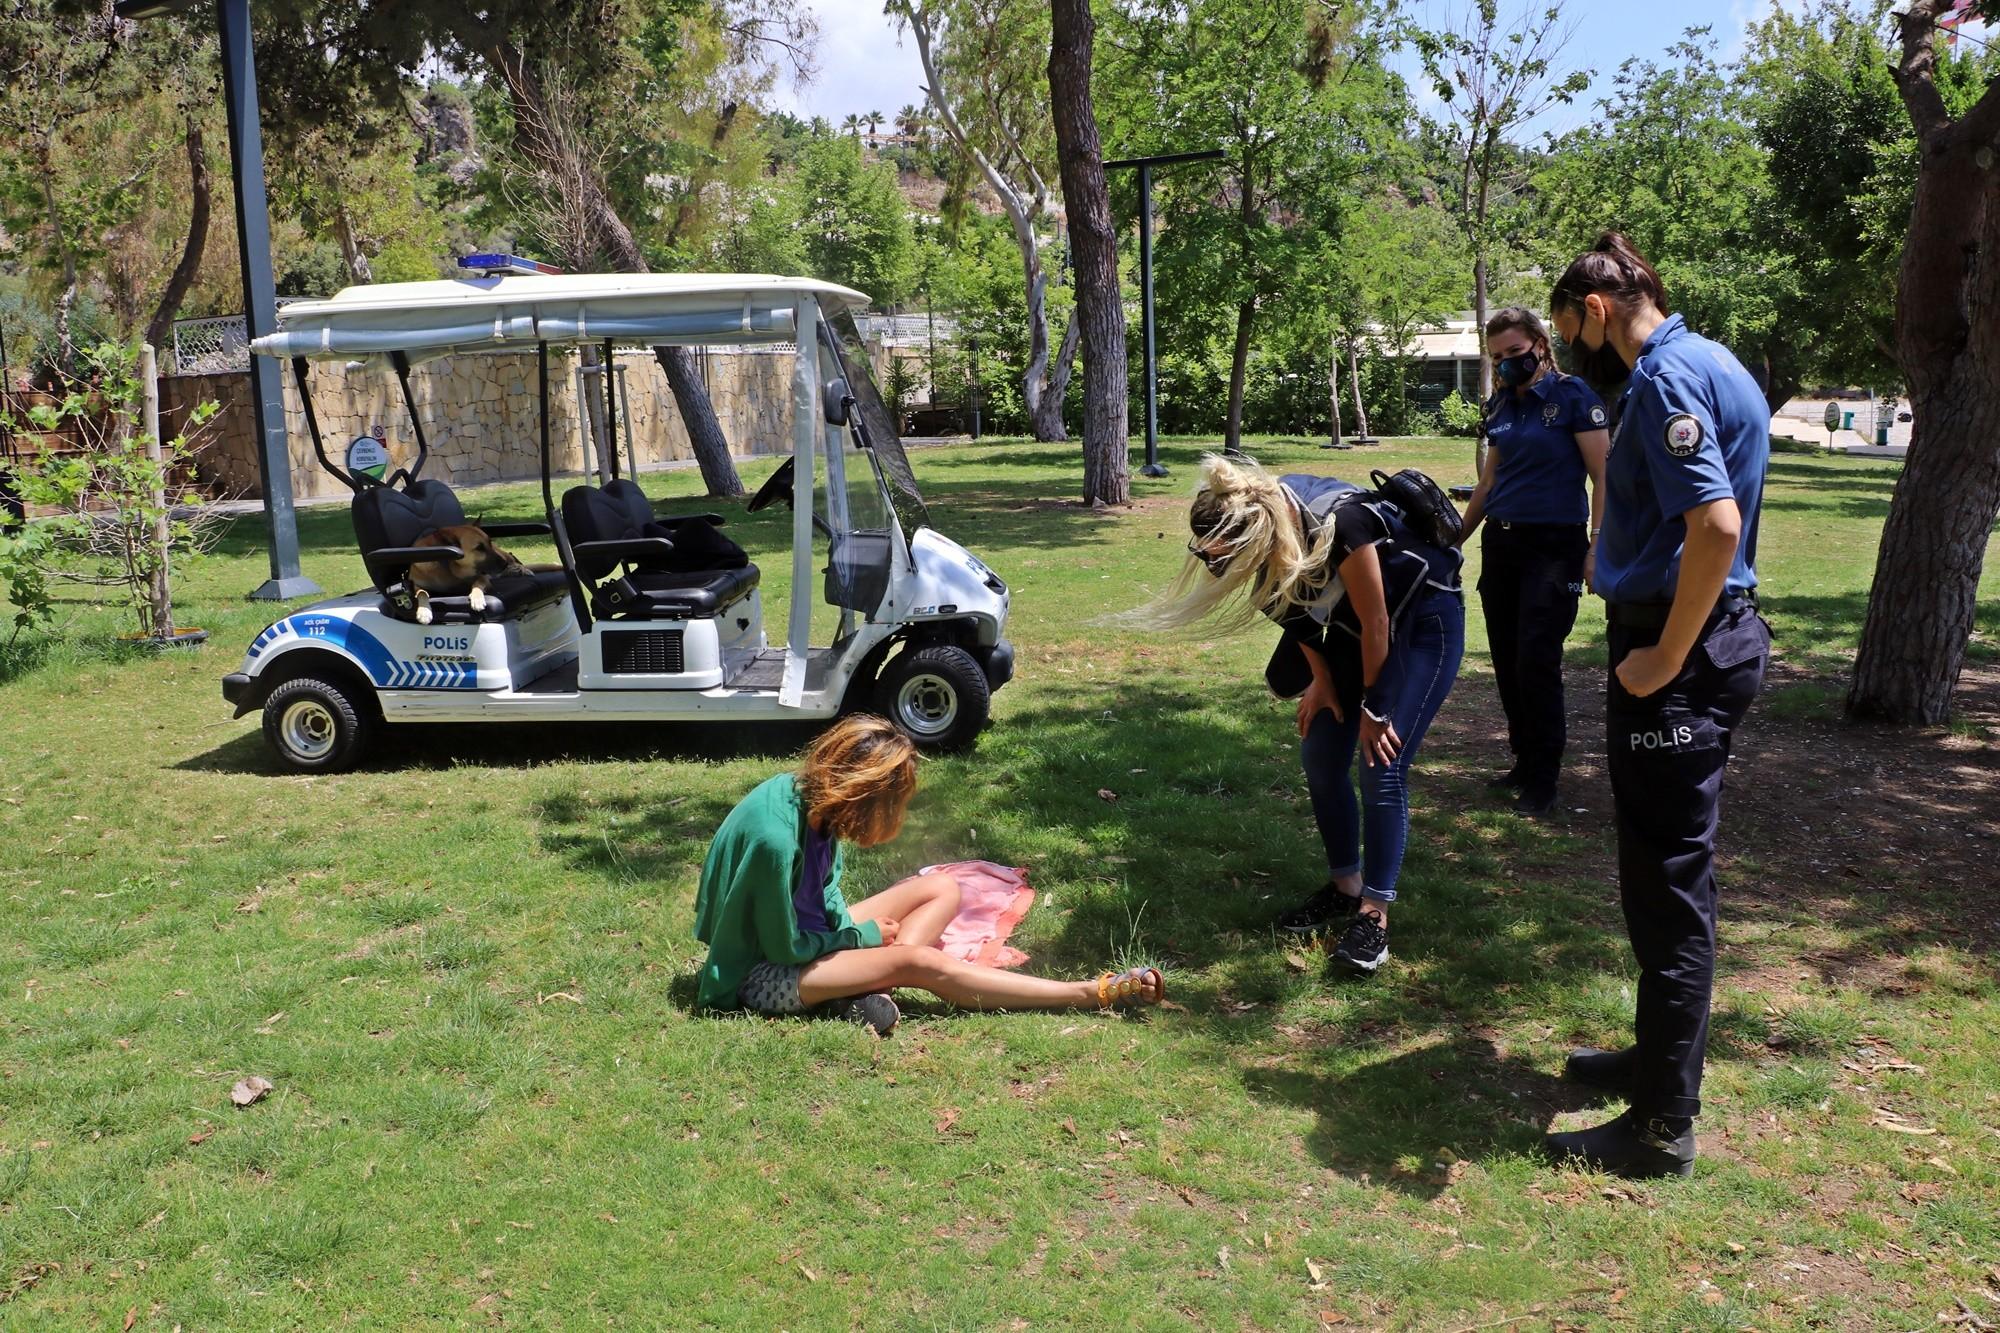 Polis sahilde derin uykuya dalan kadını uyandırmak için uzun süre uğraştı